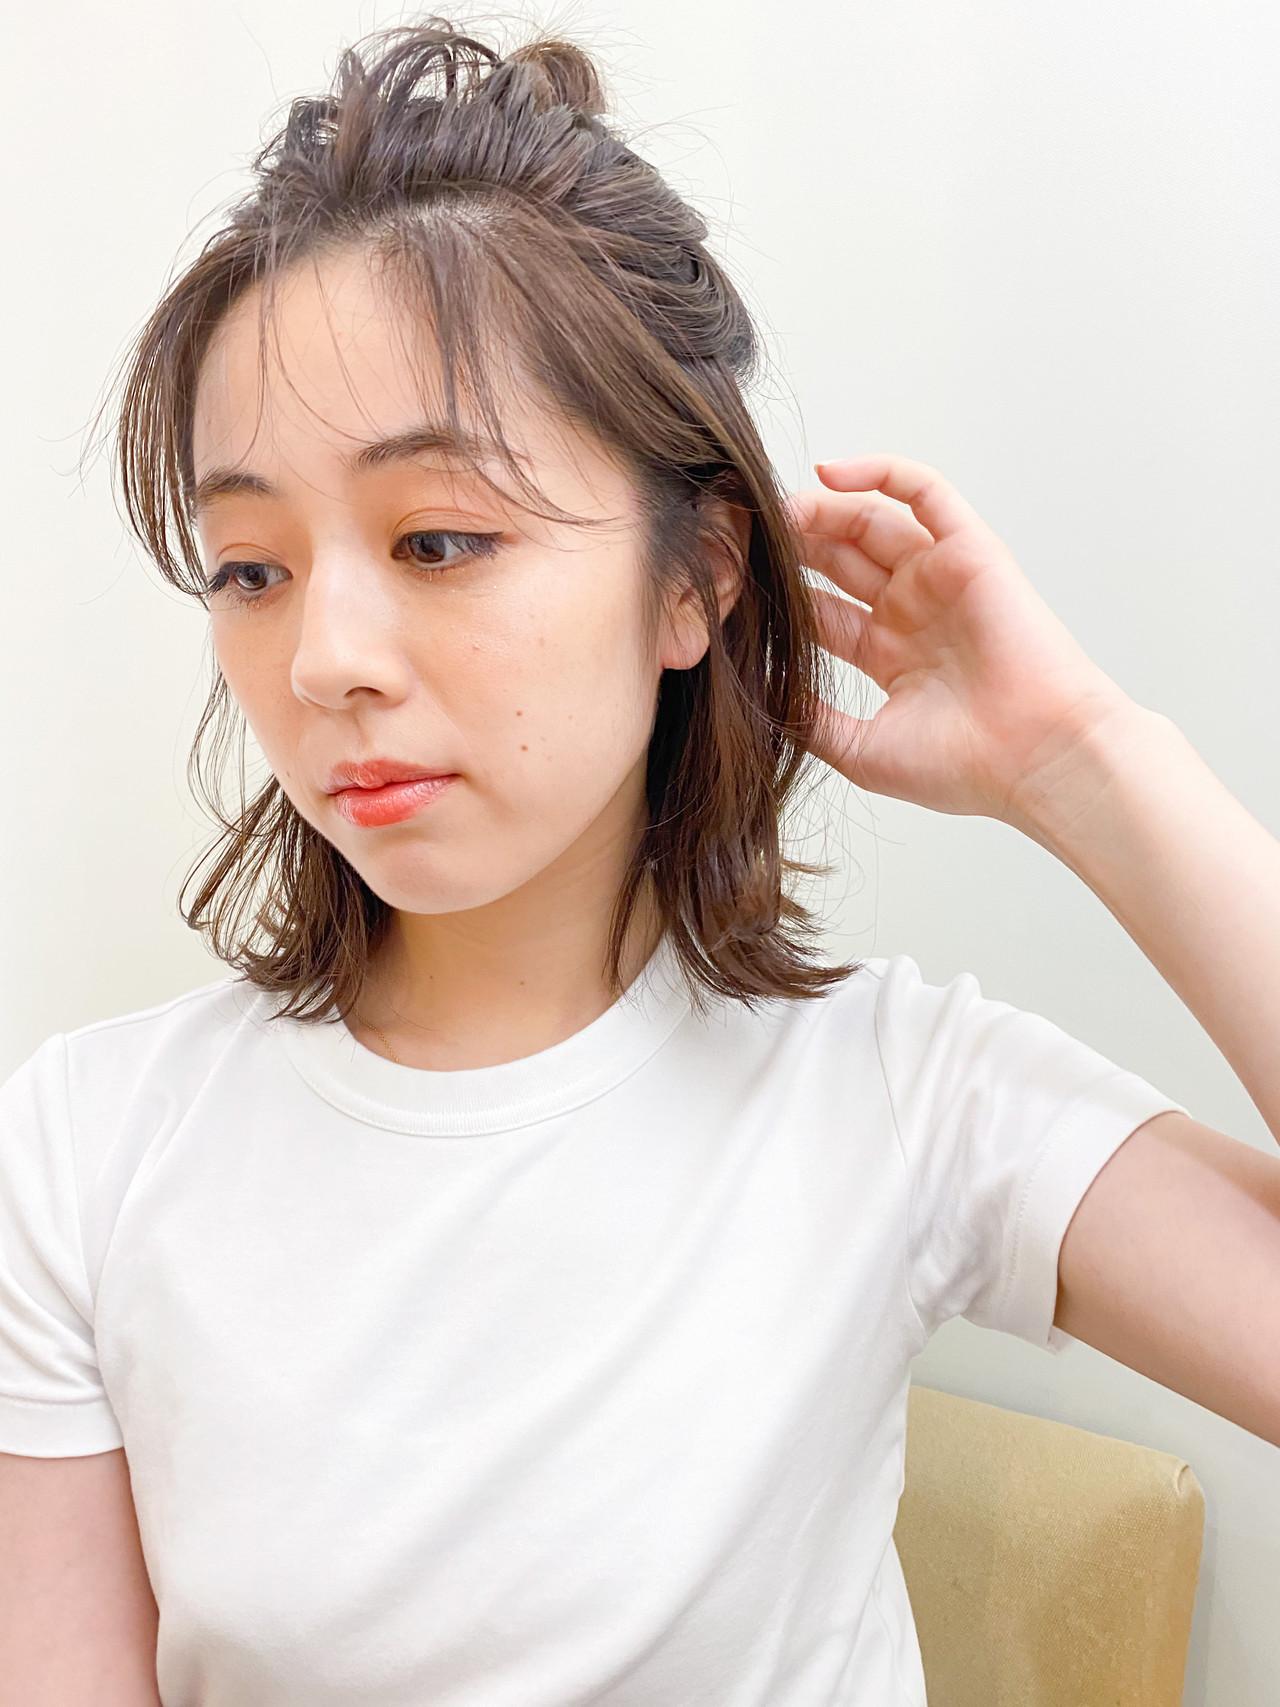 ミディアム お団子アレンジ ハーフアップ ヘアアレンジ ヘアスタイルや髪型の写真・画像